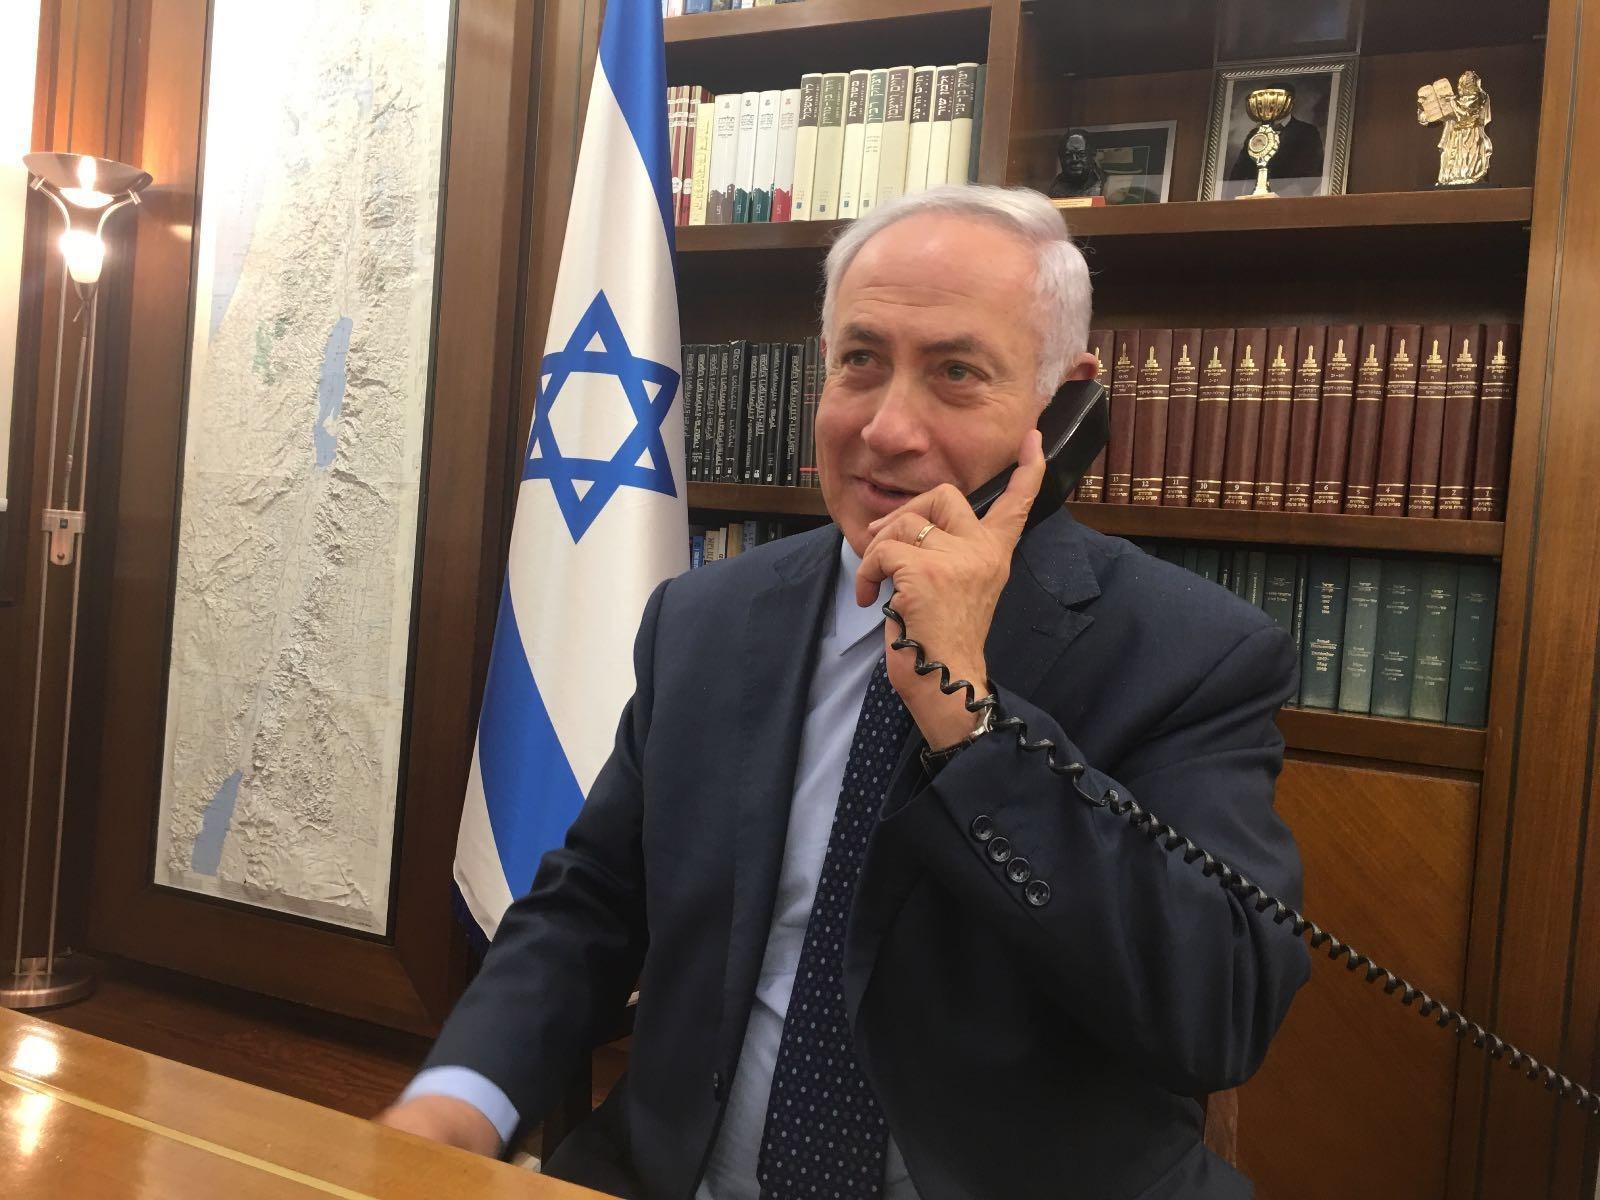 נתניהו חותך ימינה: האם ביתר בדרך לישראל